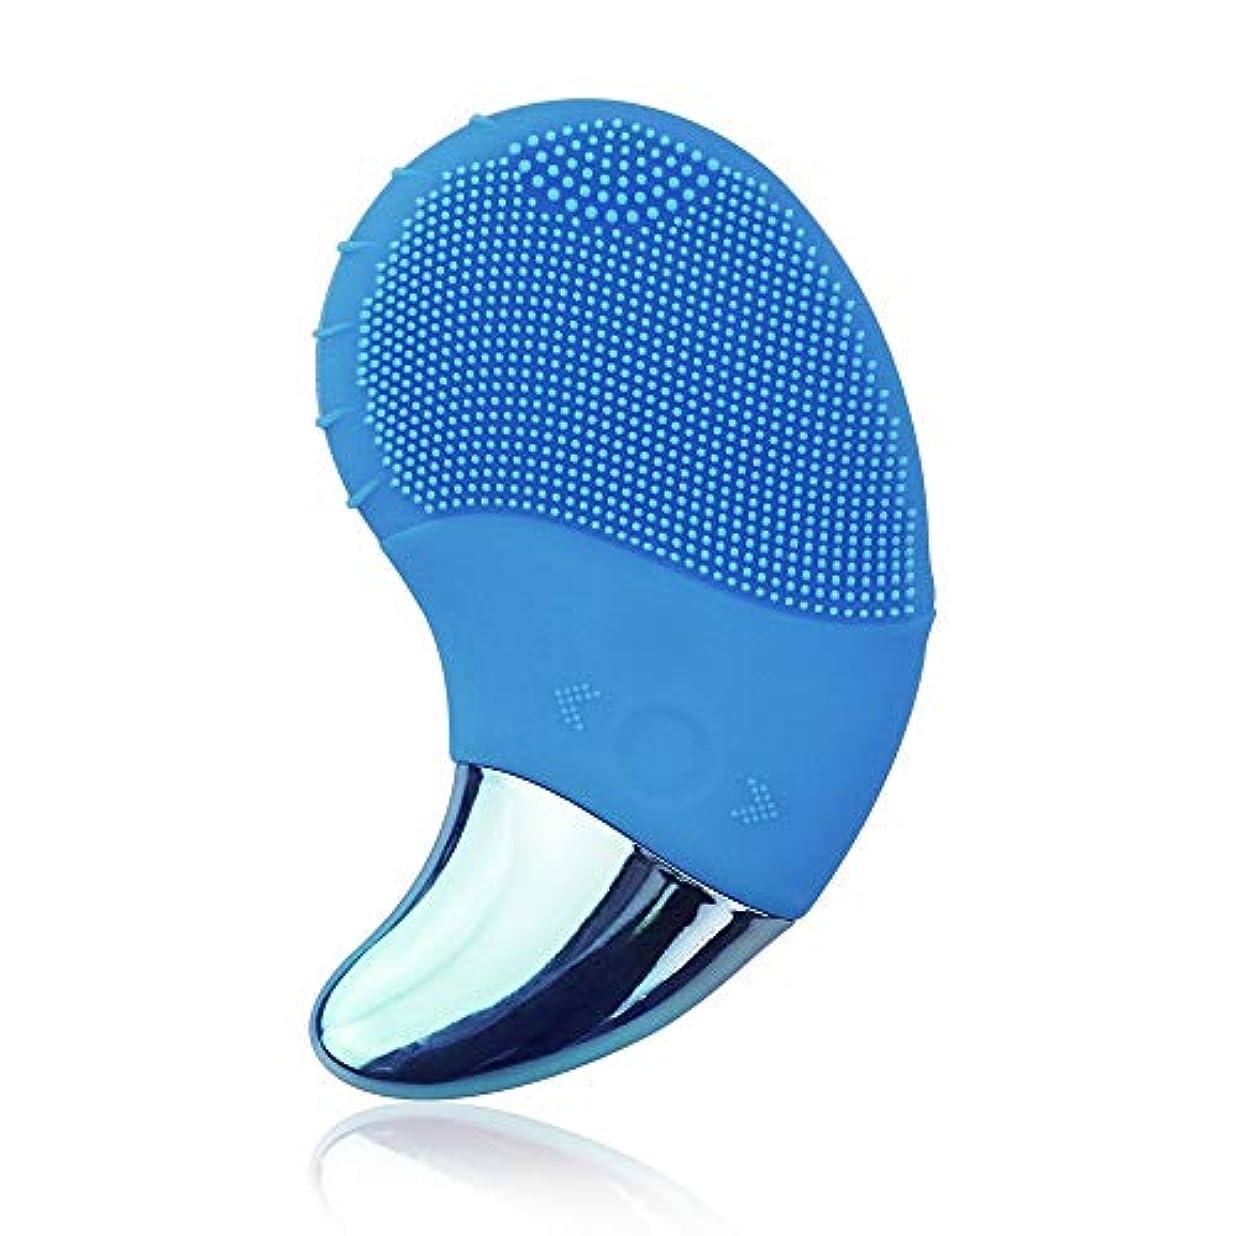 同一の影誤解電気シリコンフェイシャルスクラバークレンジングブラシデバイス、男性用、女性用、ディープクリーニング用、すべての肌タイプ防水充電式フェイスブラシクレンザー、スマートアプリ付き(青、アップグレードバージョン)